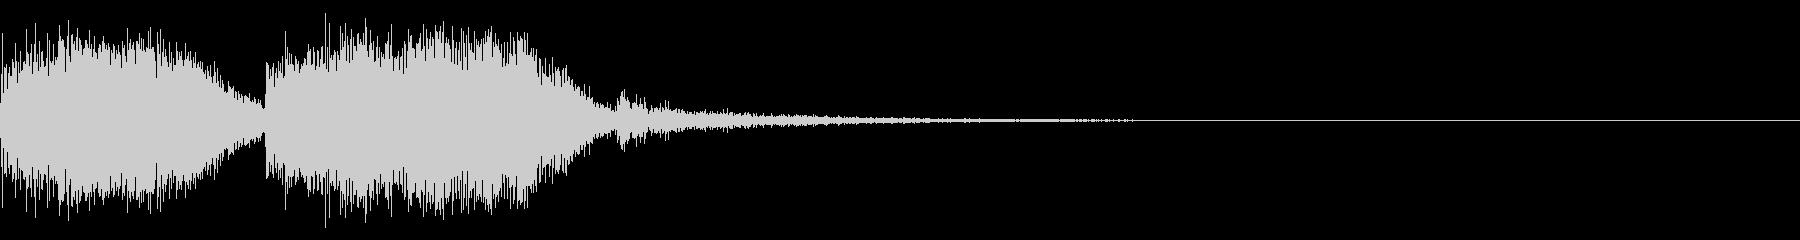 テーレッテレー4/謎が解けた時などの未再生の波形